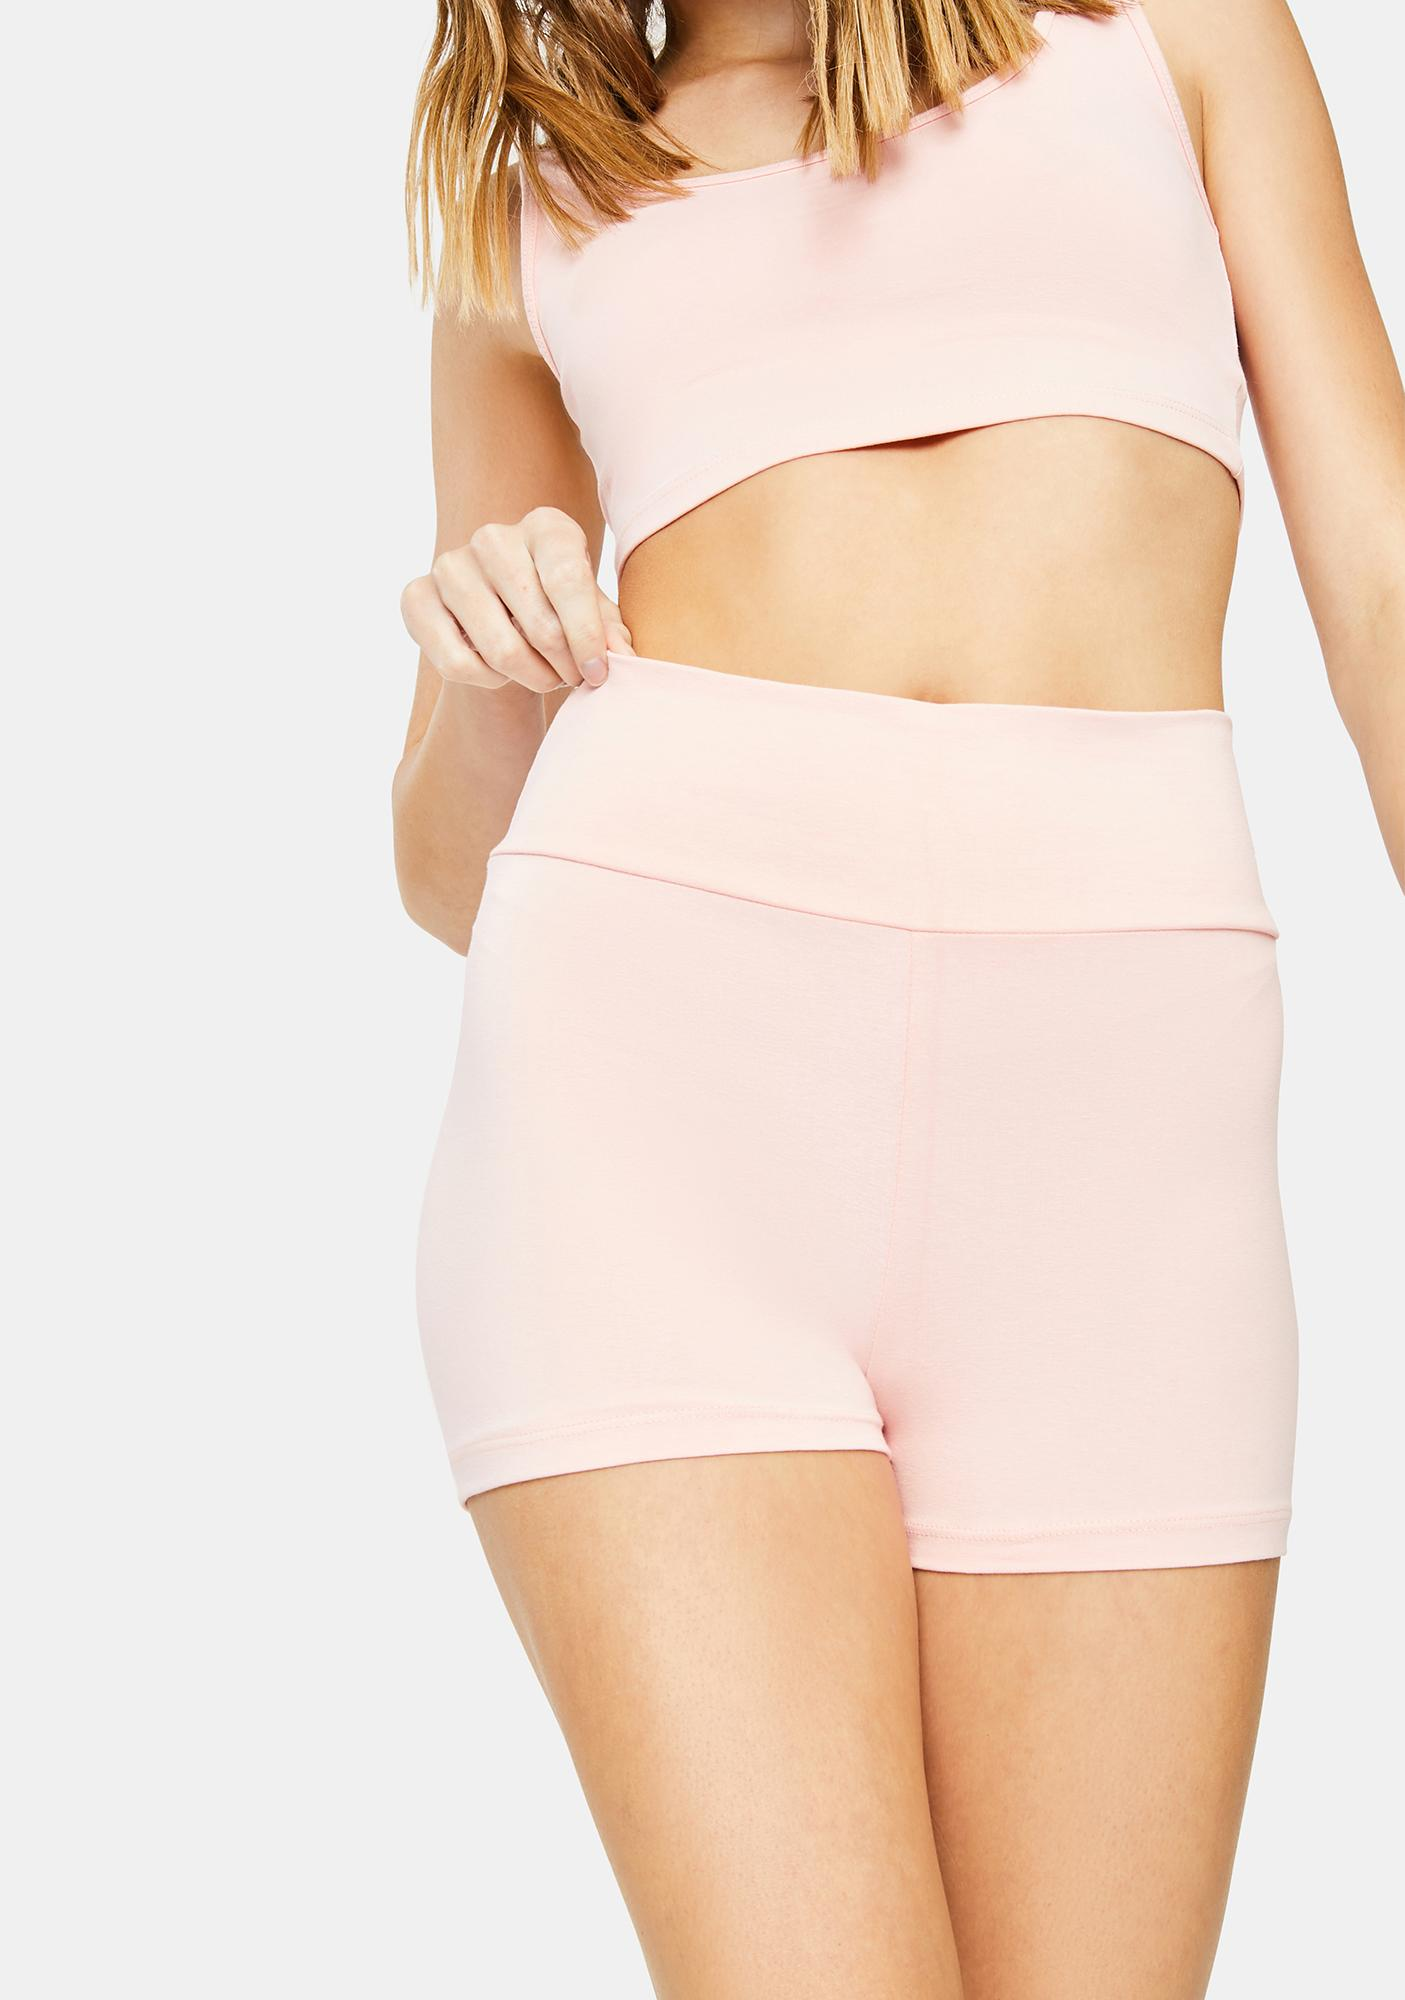 Kiki Riki Rose Lounge Booty Shorts